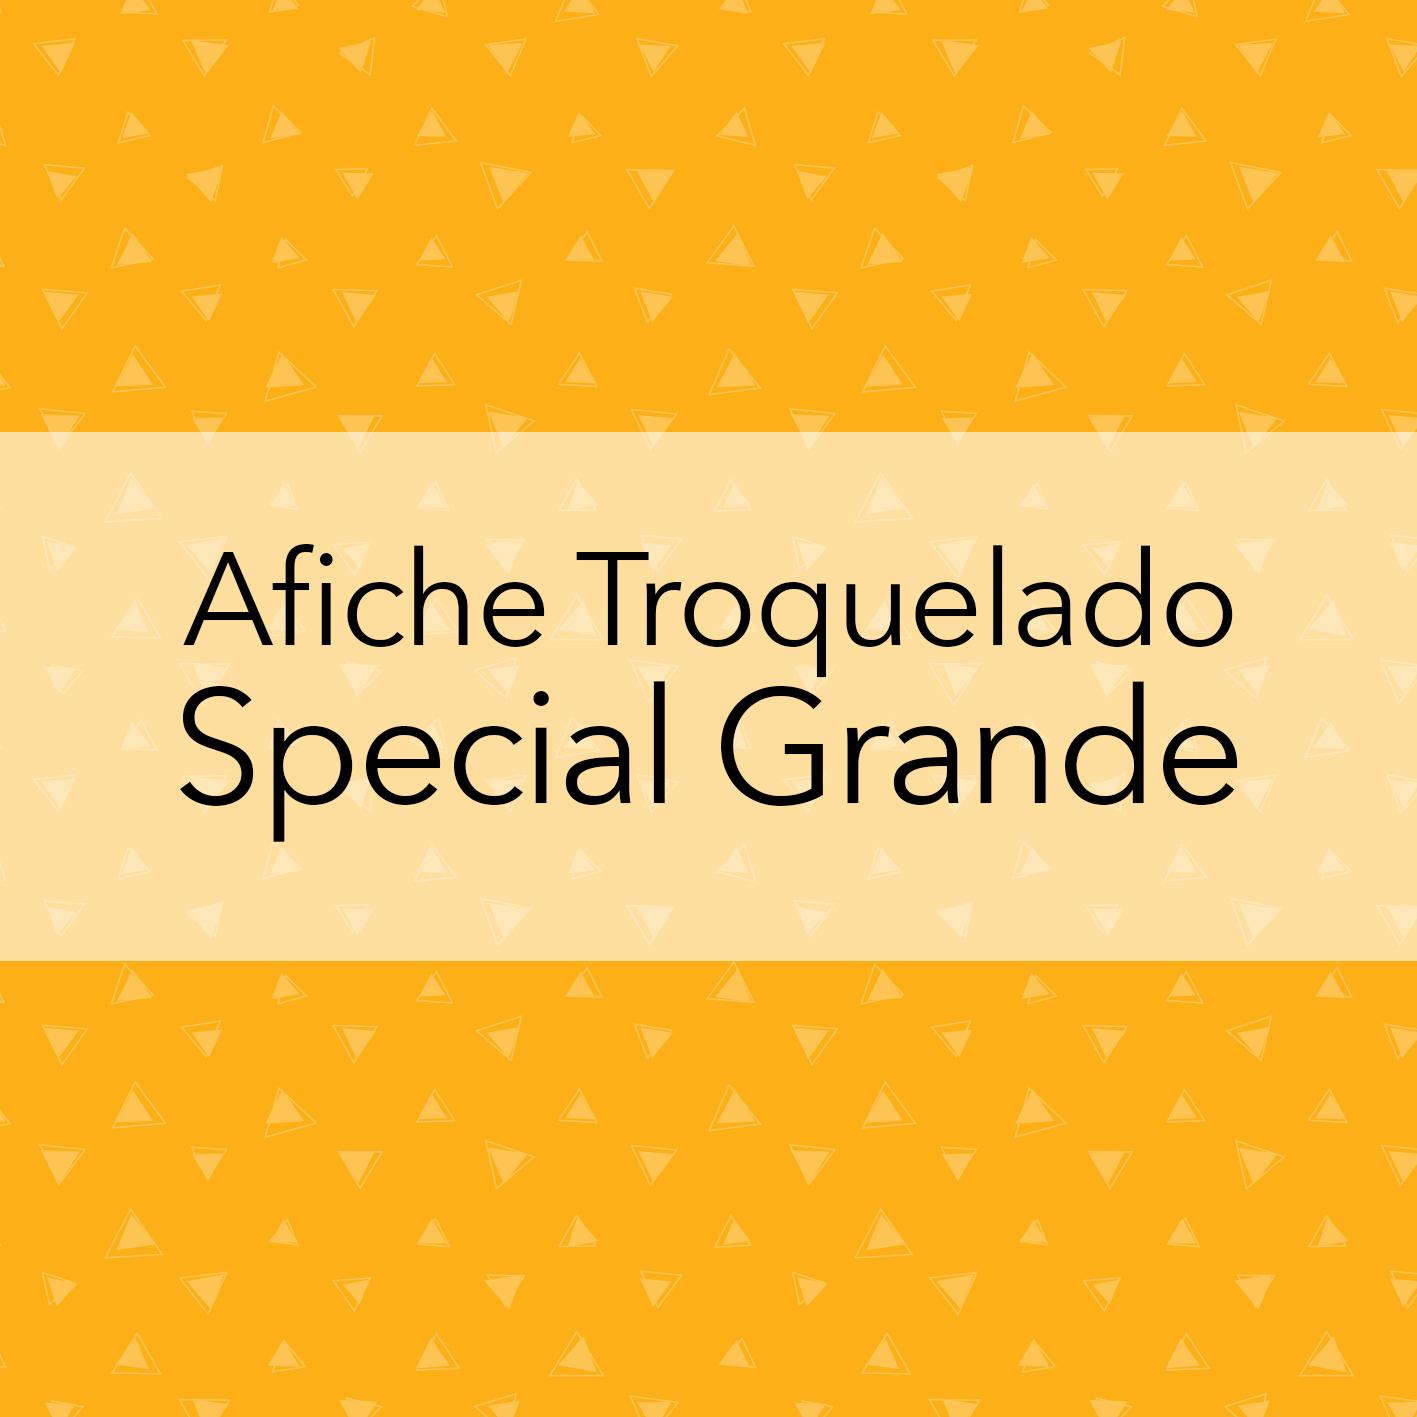 AFICHE TROQUELADO SPECIAL GRANDE